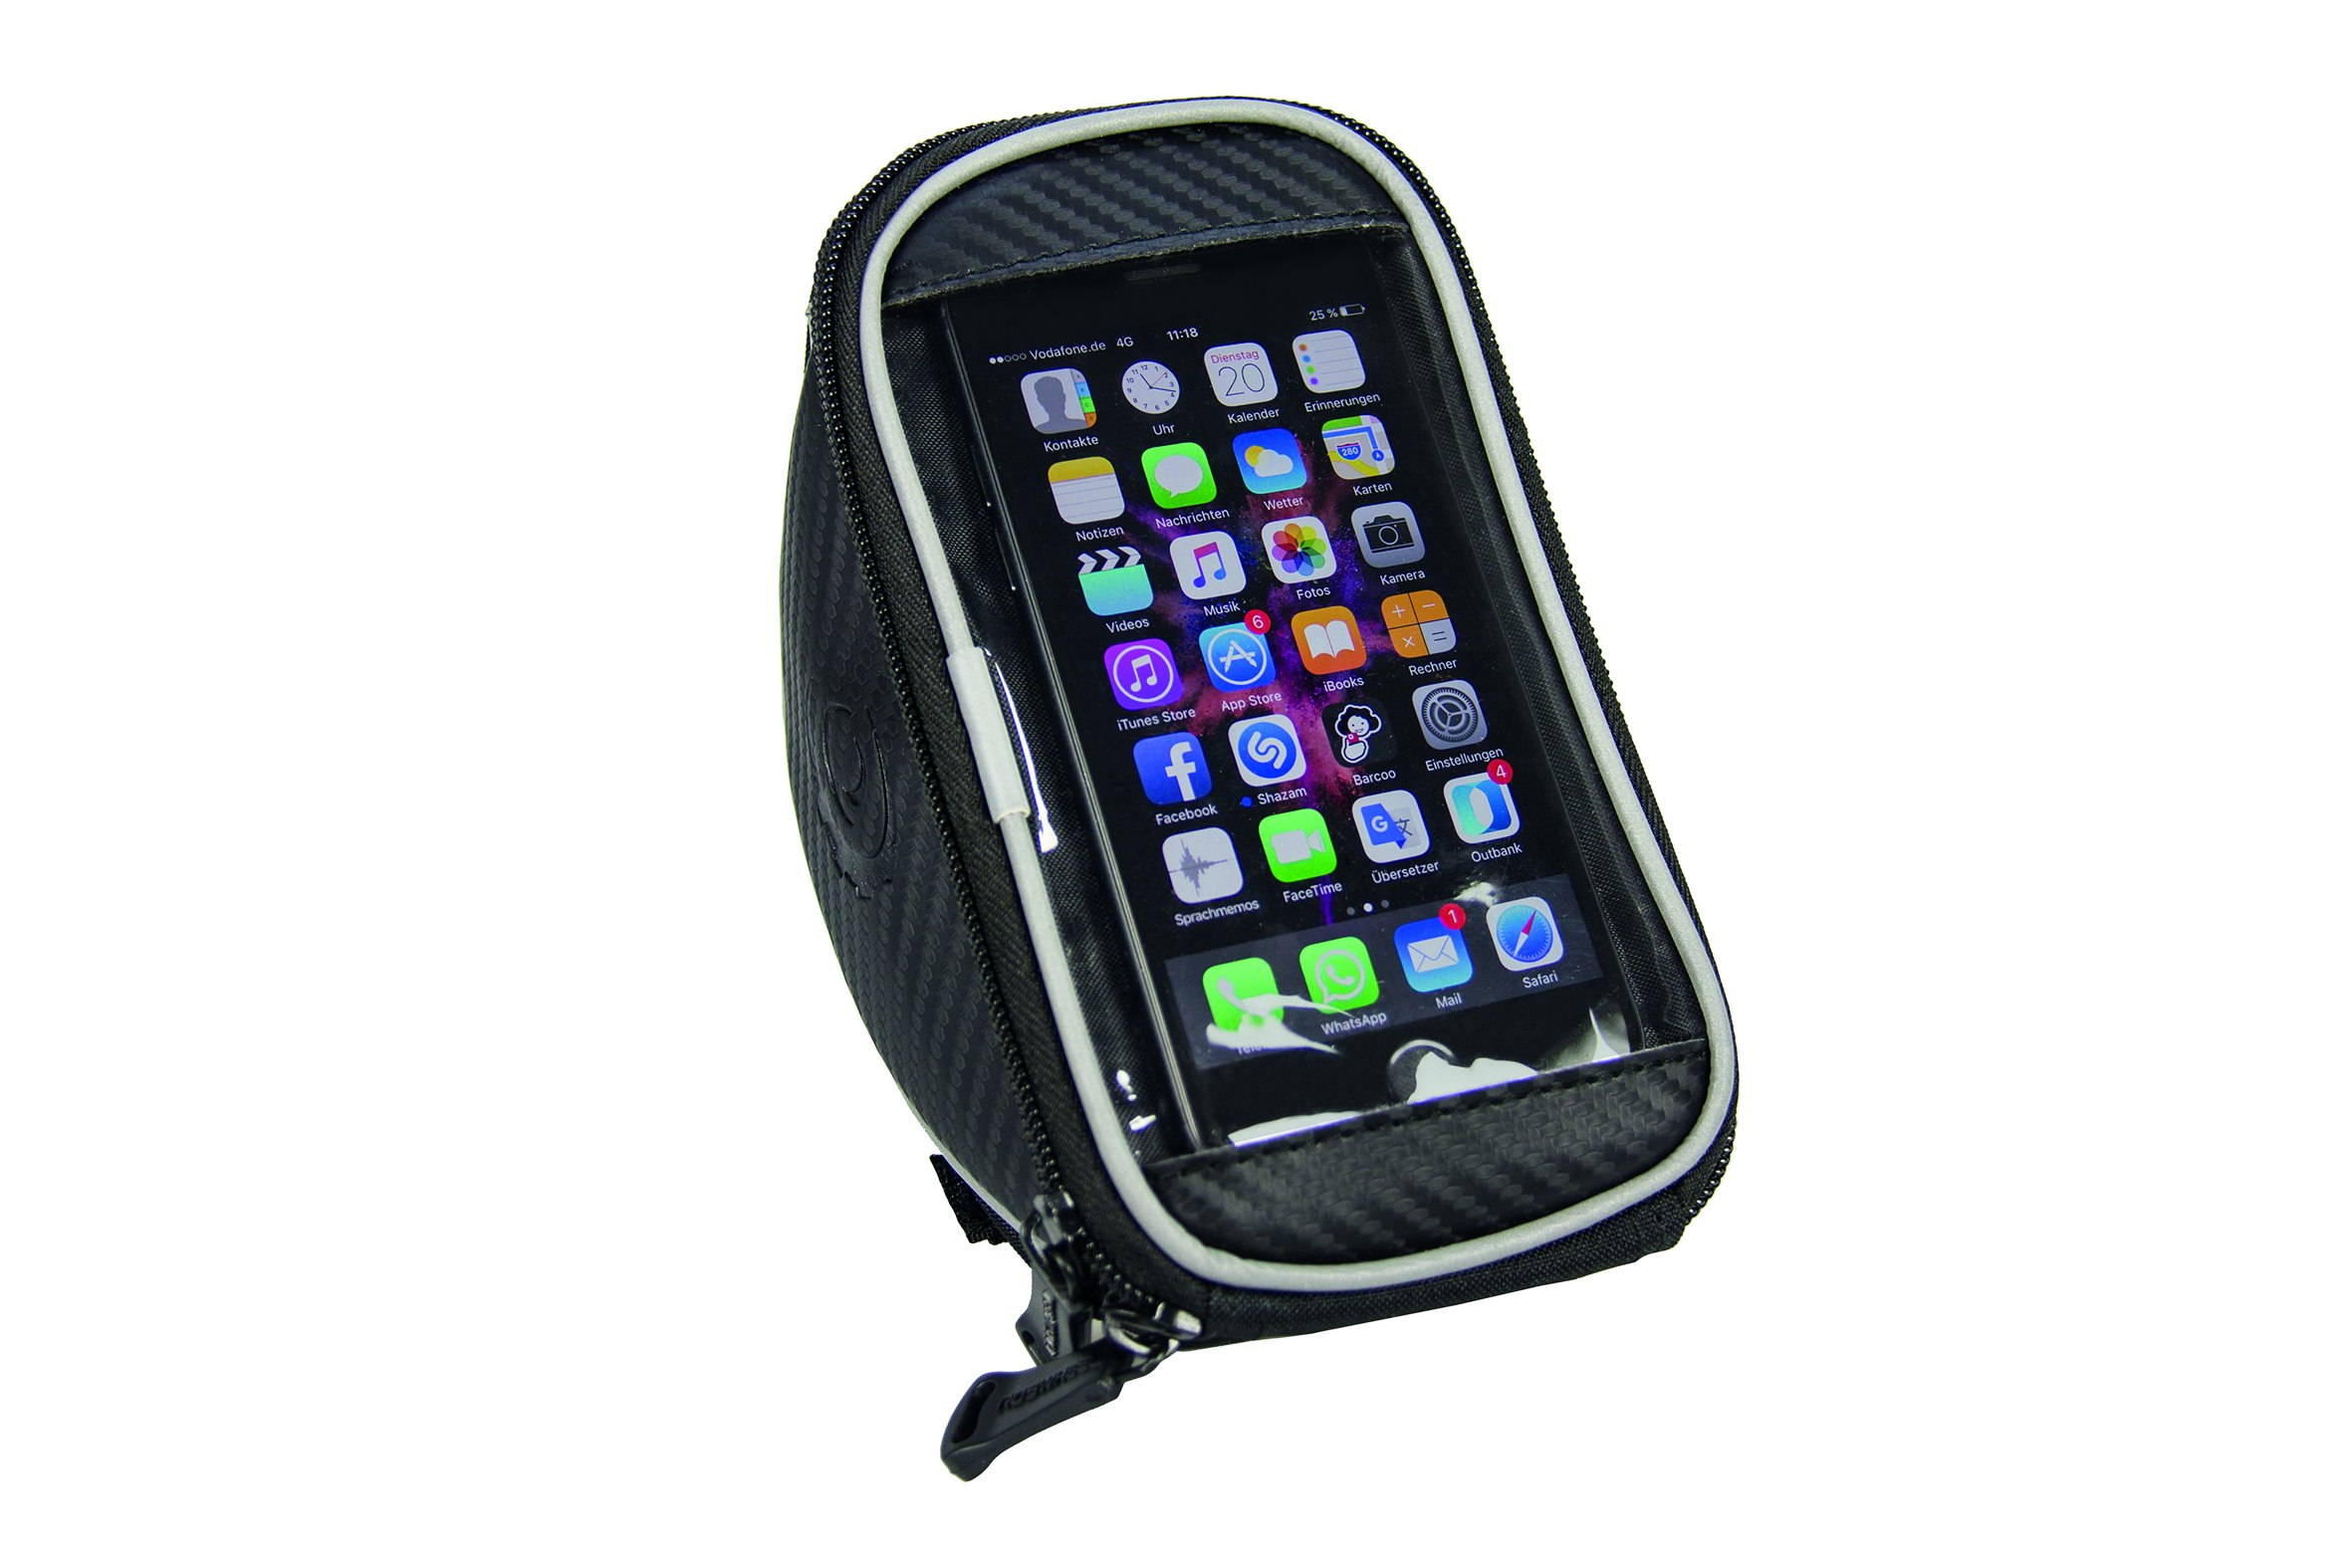 FISCHER Lenkertasche für Smartphones mit Touchdisplay, wasserdicht, schwarz